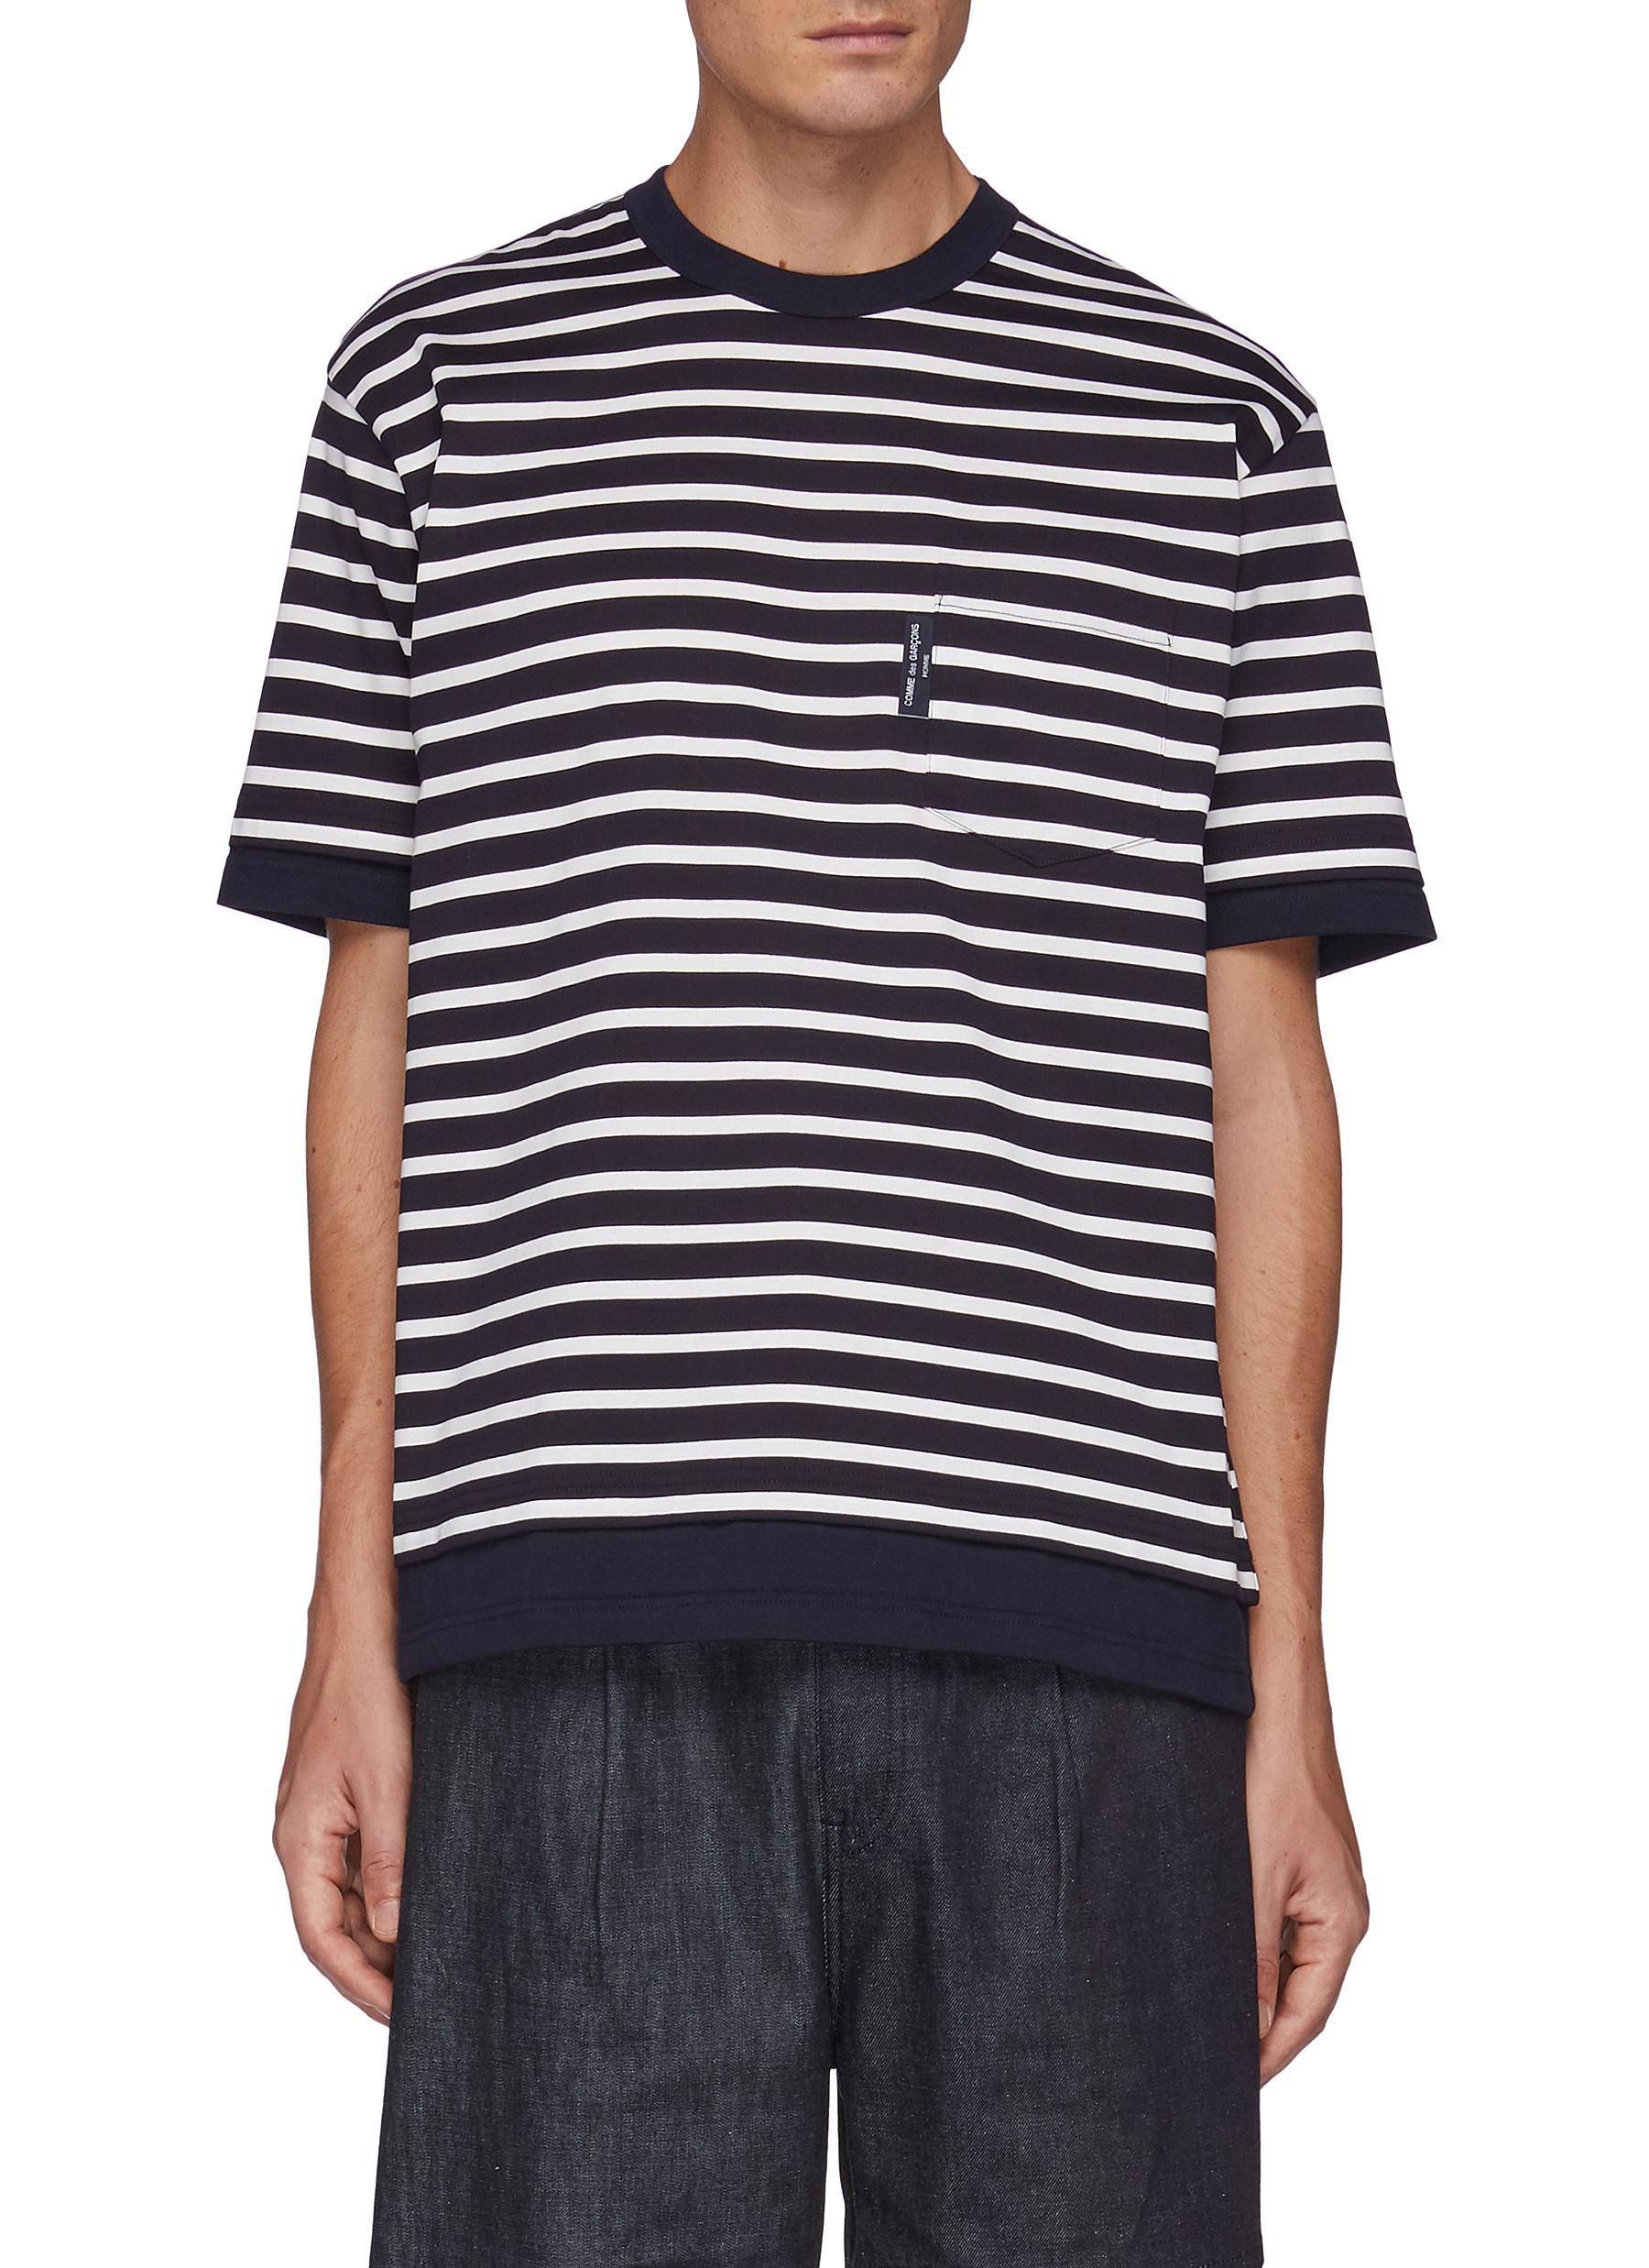 Chest Pocket Striped Cotton Crewneck T-Shirt